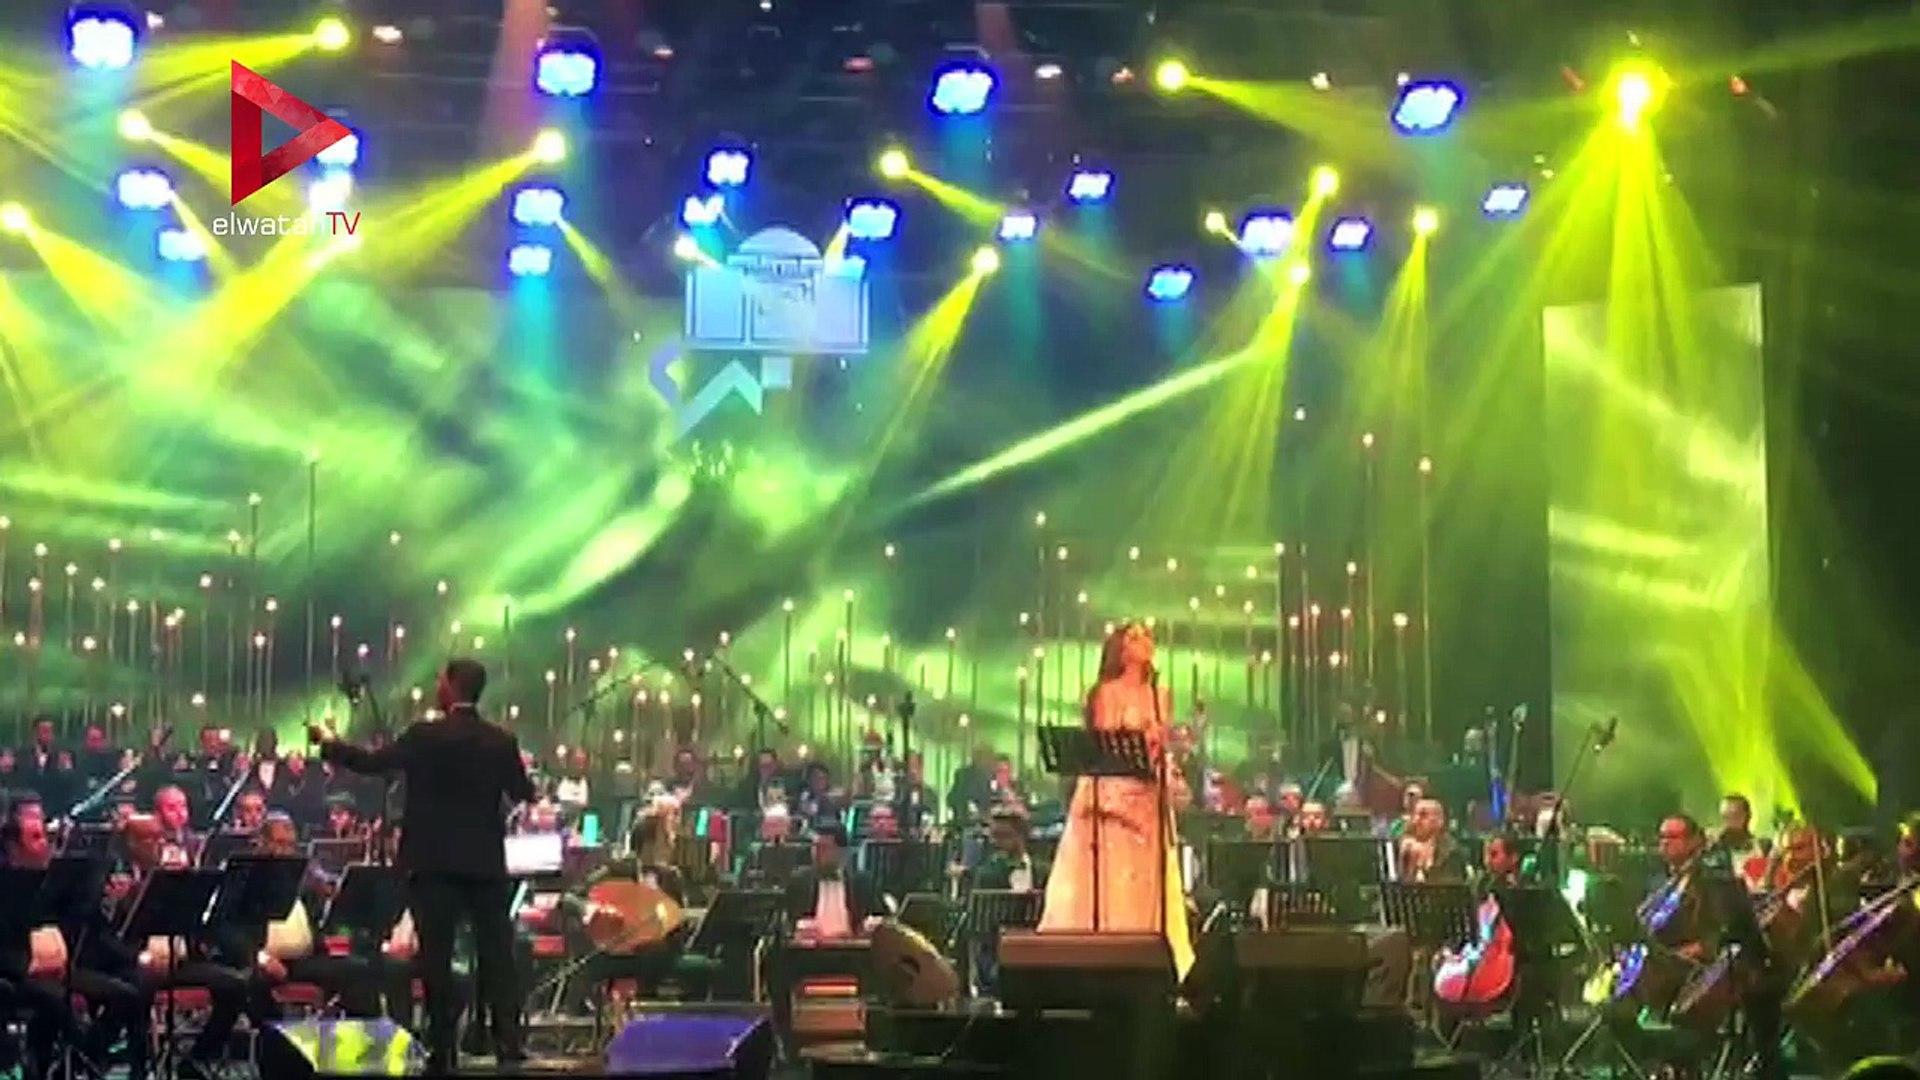 أنغام تشدو في حفلها الغنائي بالأوبرا